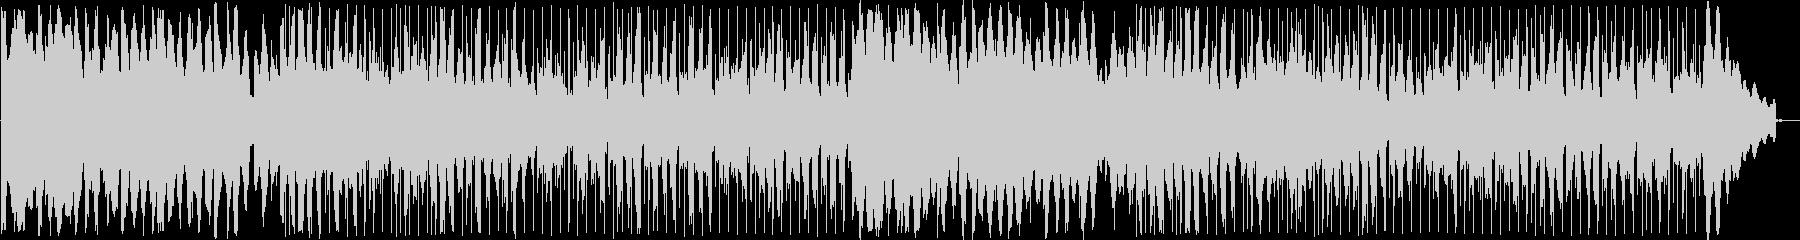 キレイな音色のボサノヴァミュージックの未再生の波形